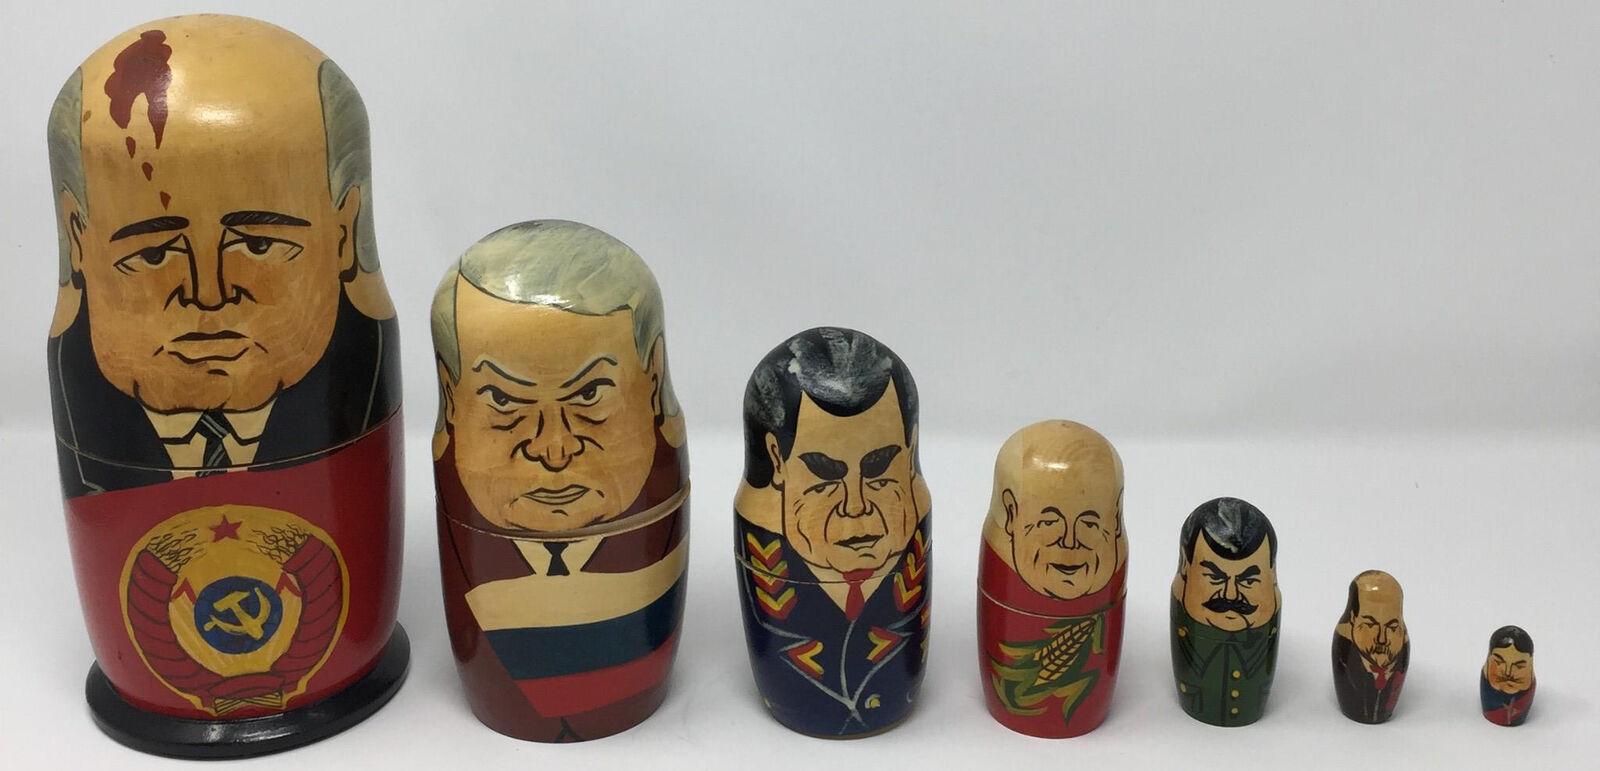 VTG Russian Set of 7 Matryoshka Nesting Dolls USSR Yeltsin Stalin Gorbachev